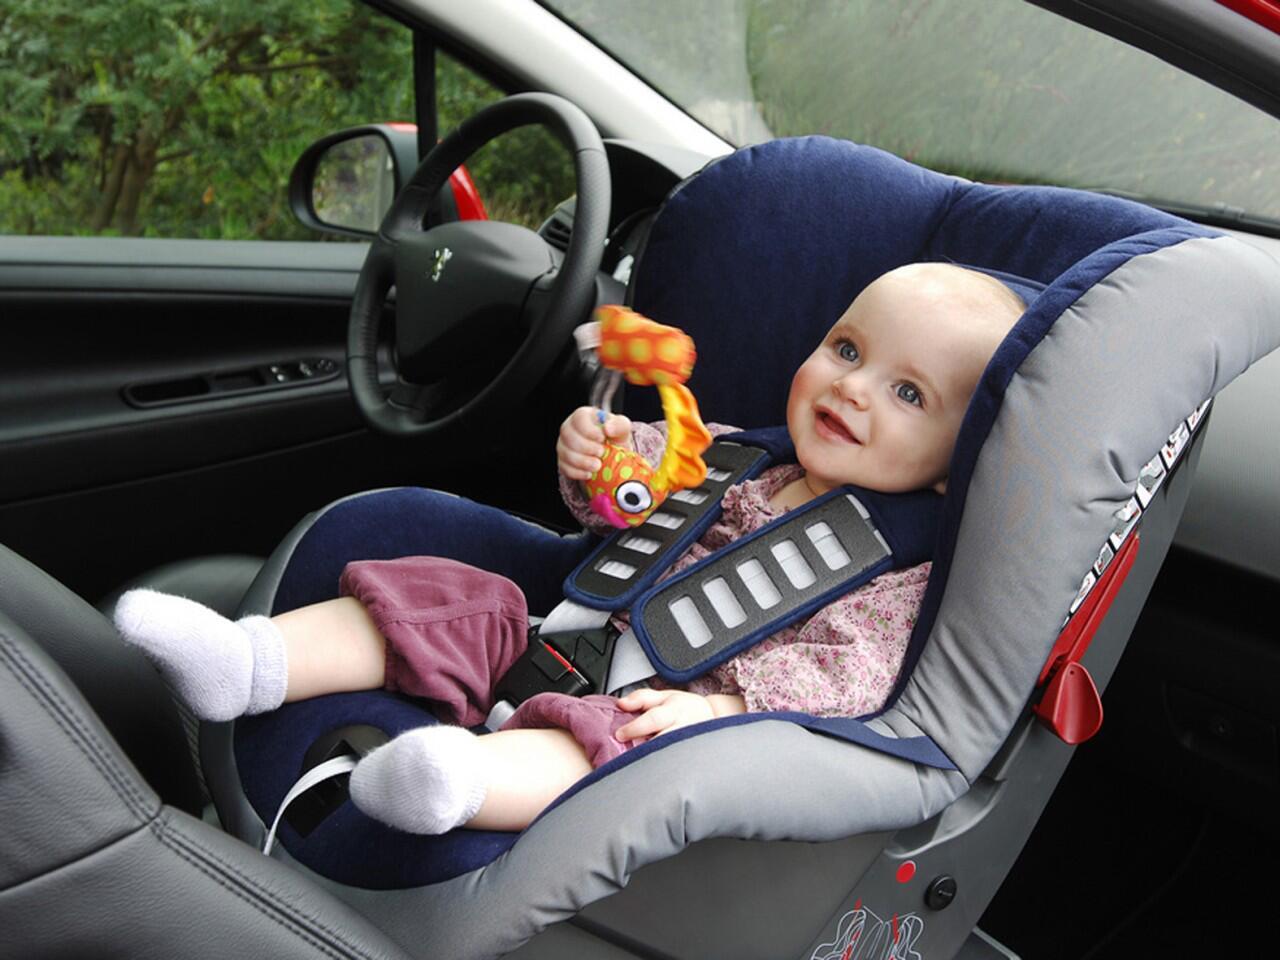 Bild zu Autoreise mit Baby: Der sicherste Platz ist der Beifahrersitz